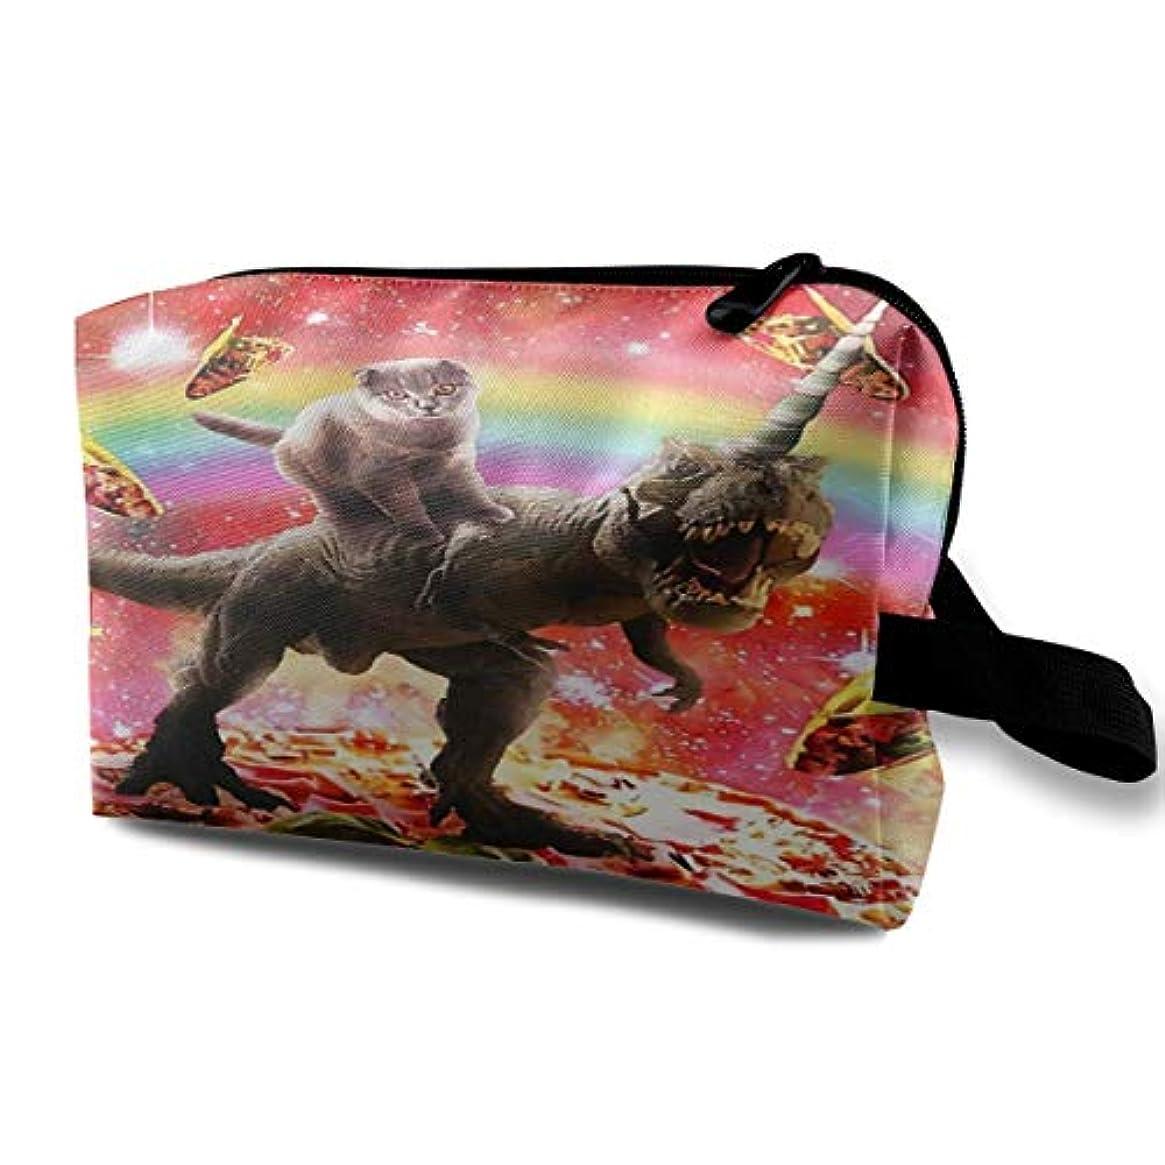 ベイビーのれん太陽Space Cat Riding Dinosaur Unicorn 収納ポーチ 化粧ポーチ 大容量 軽量 耐久性 ハンドル付持ち運び便利。入れ 自宅?出張?旅行?アウトドア撮影などに対応。メンズ レディース トラベルグッズ